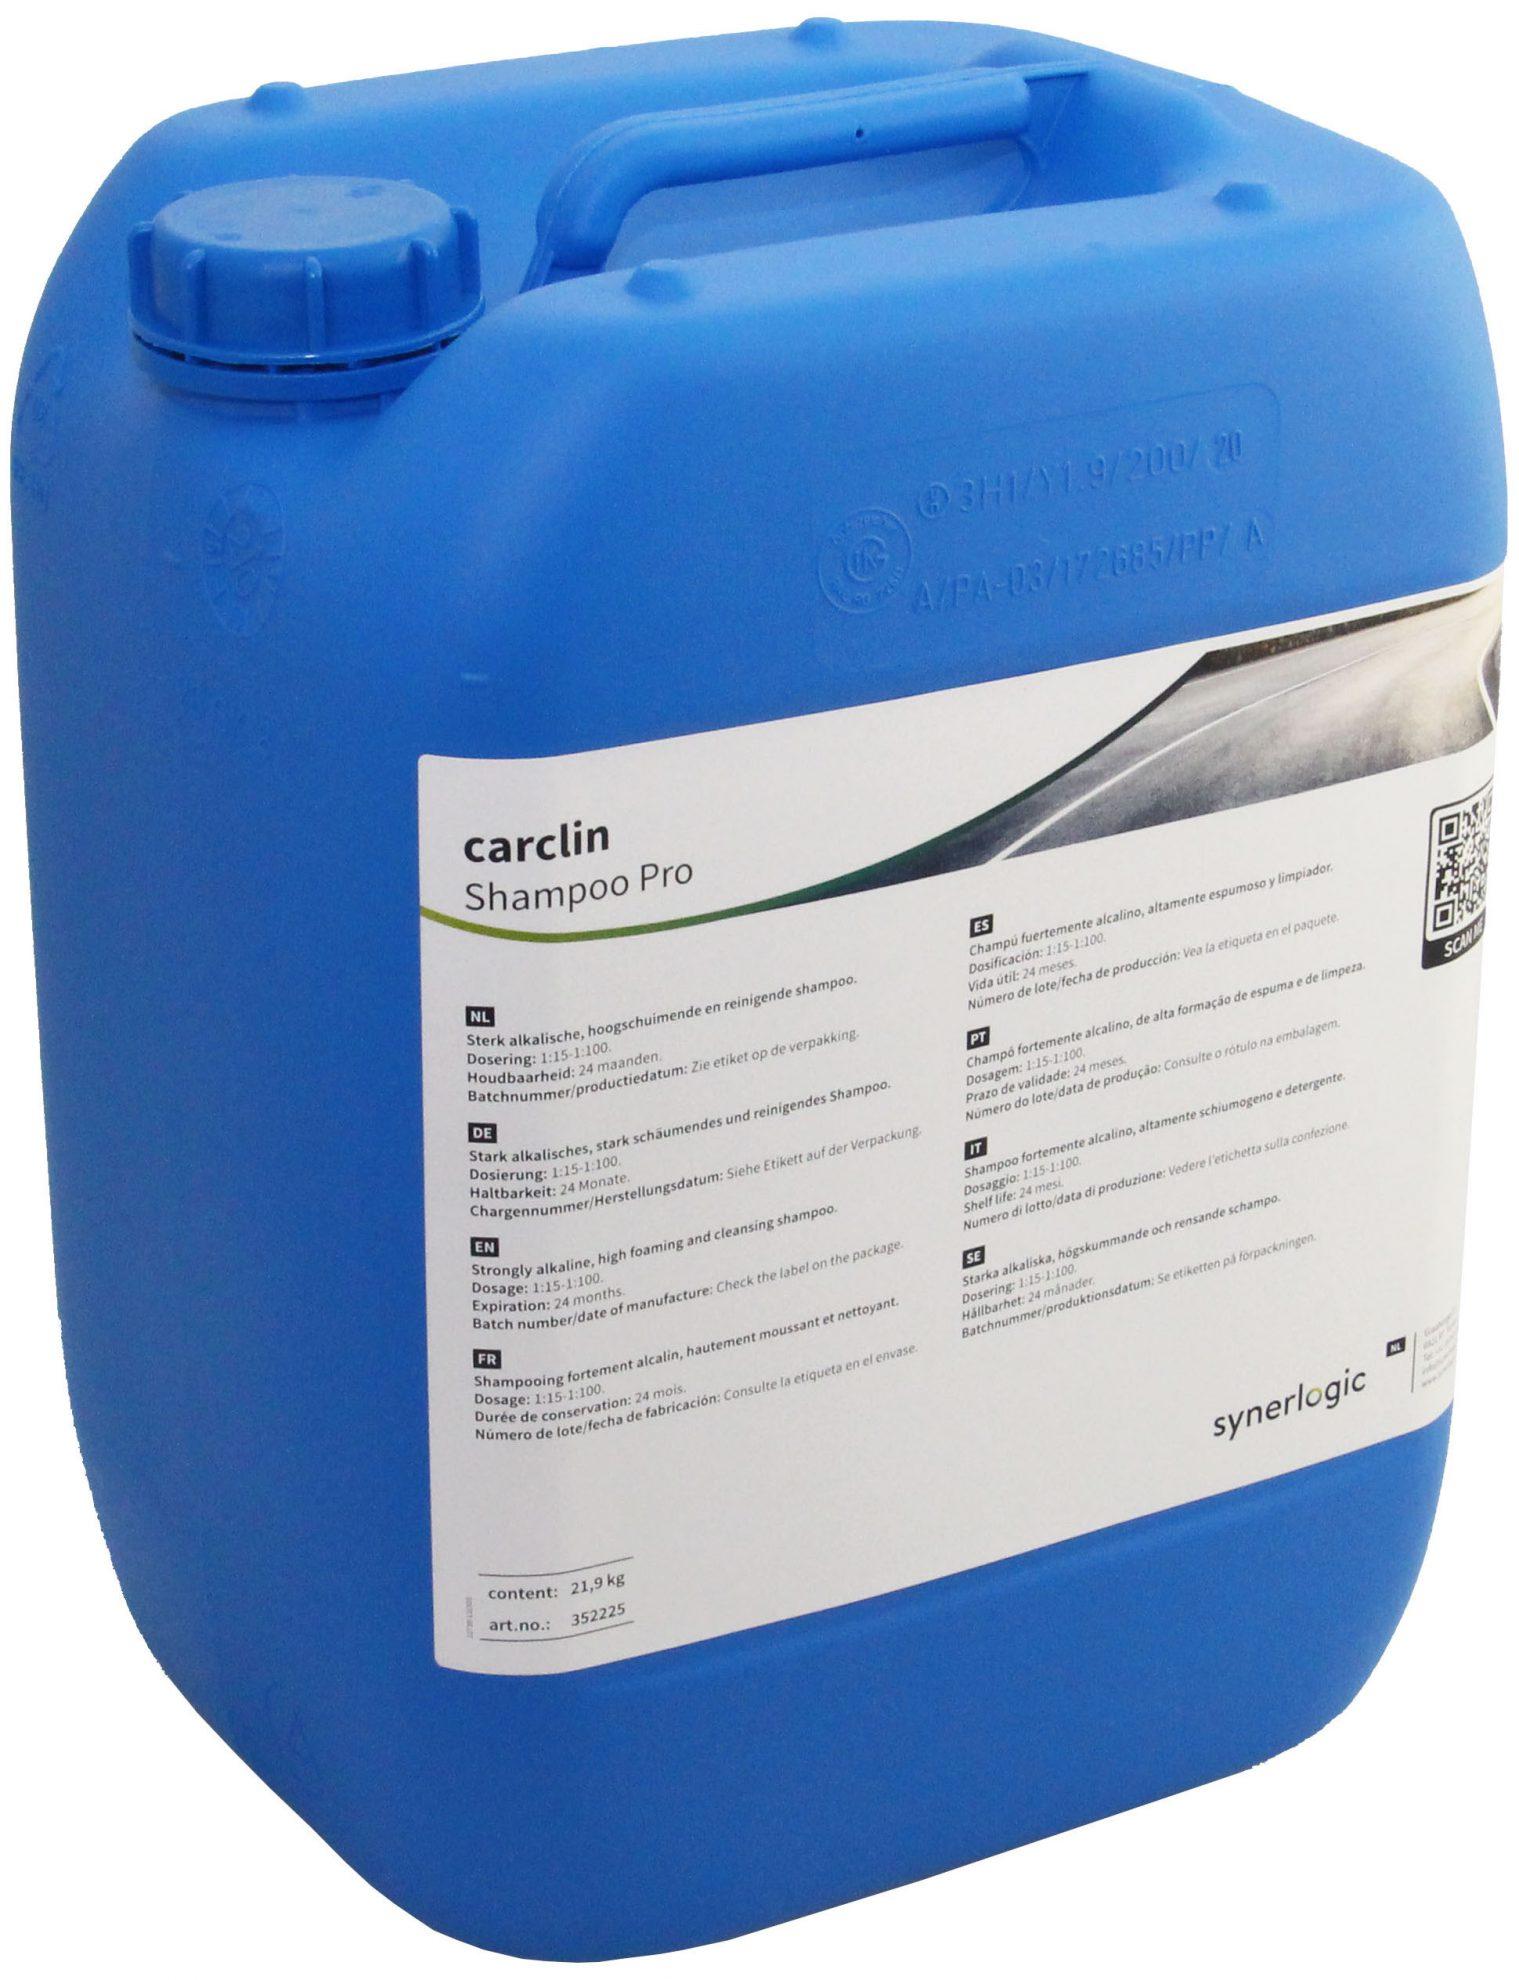 Carclin Shampoo Pro